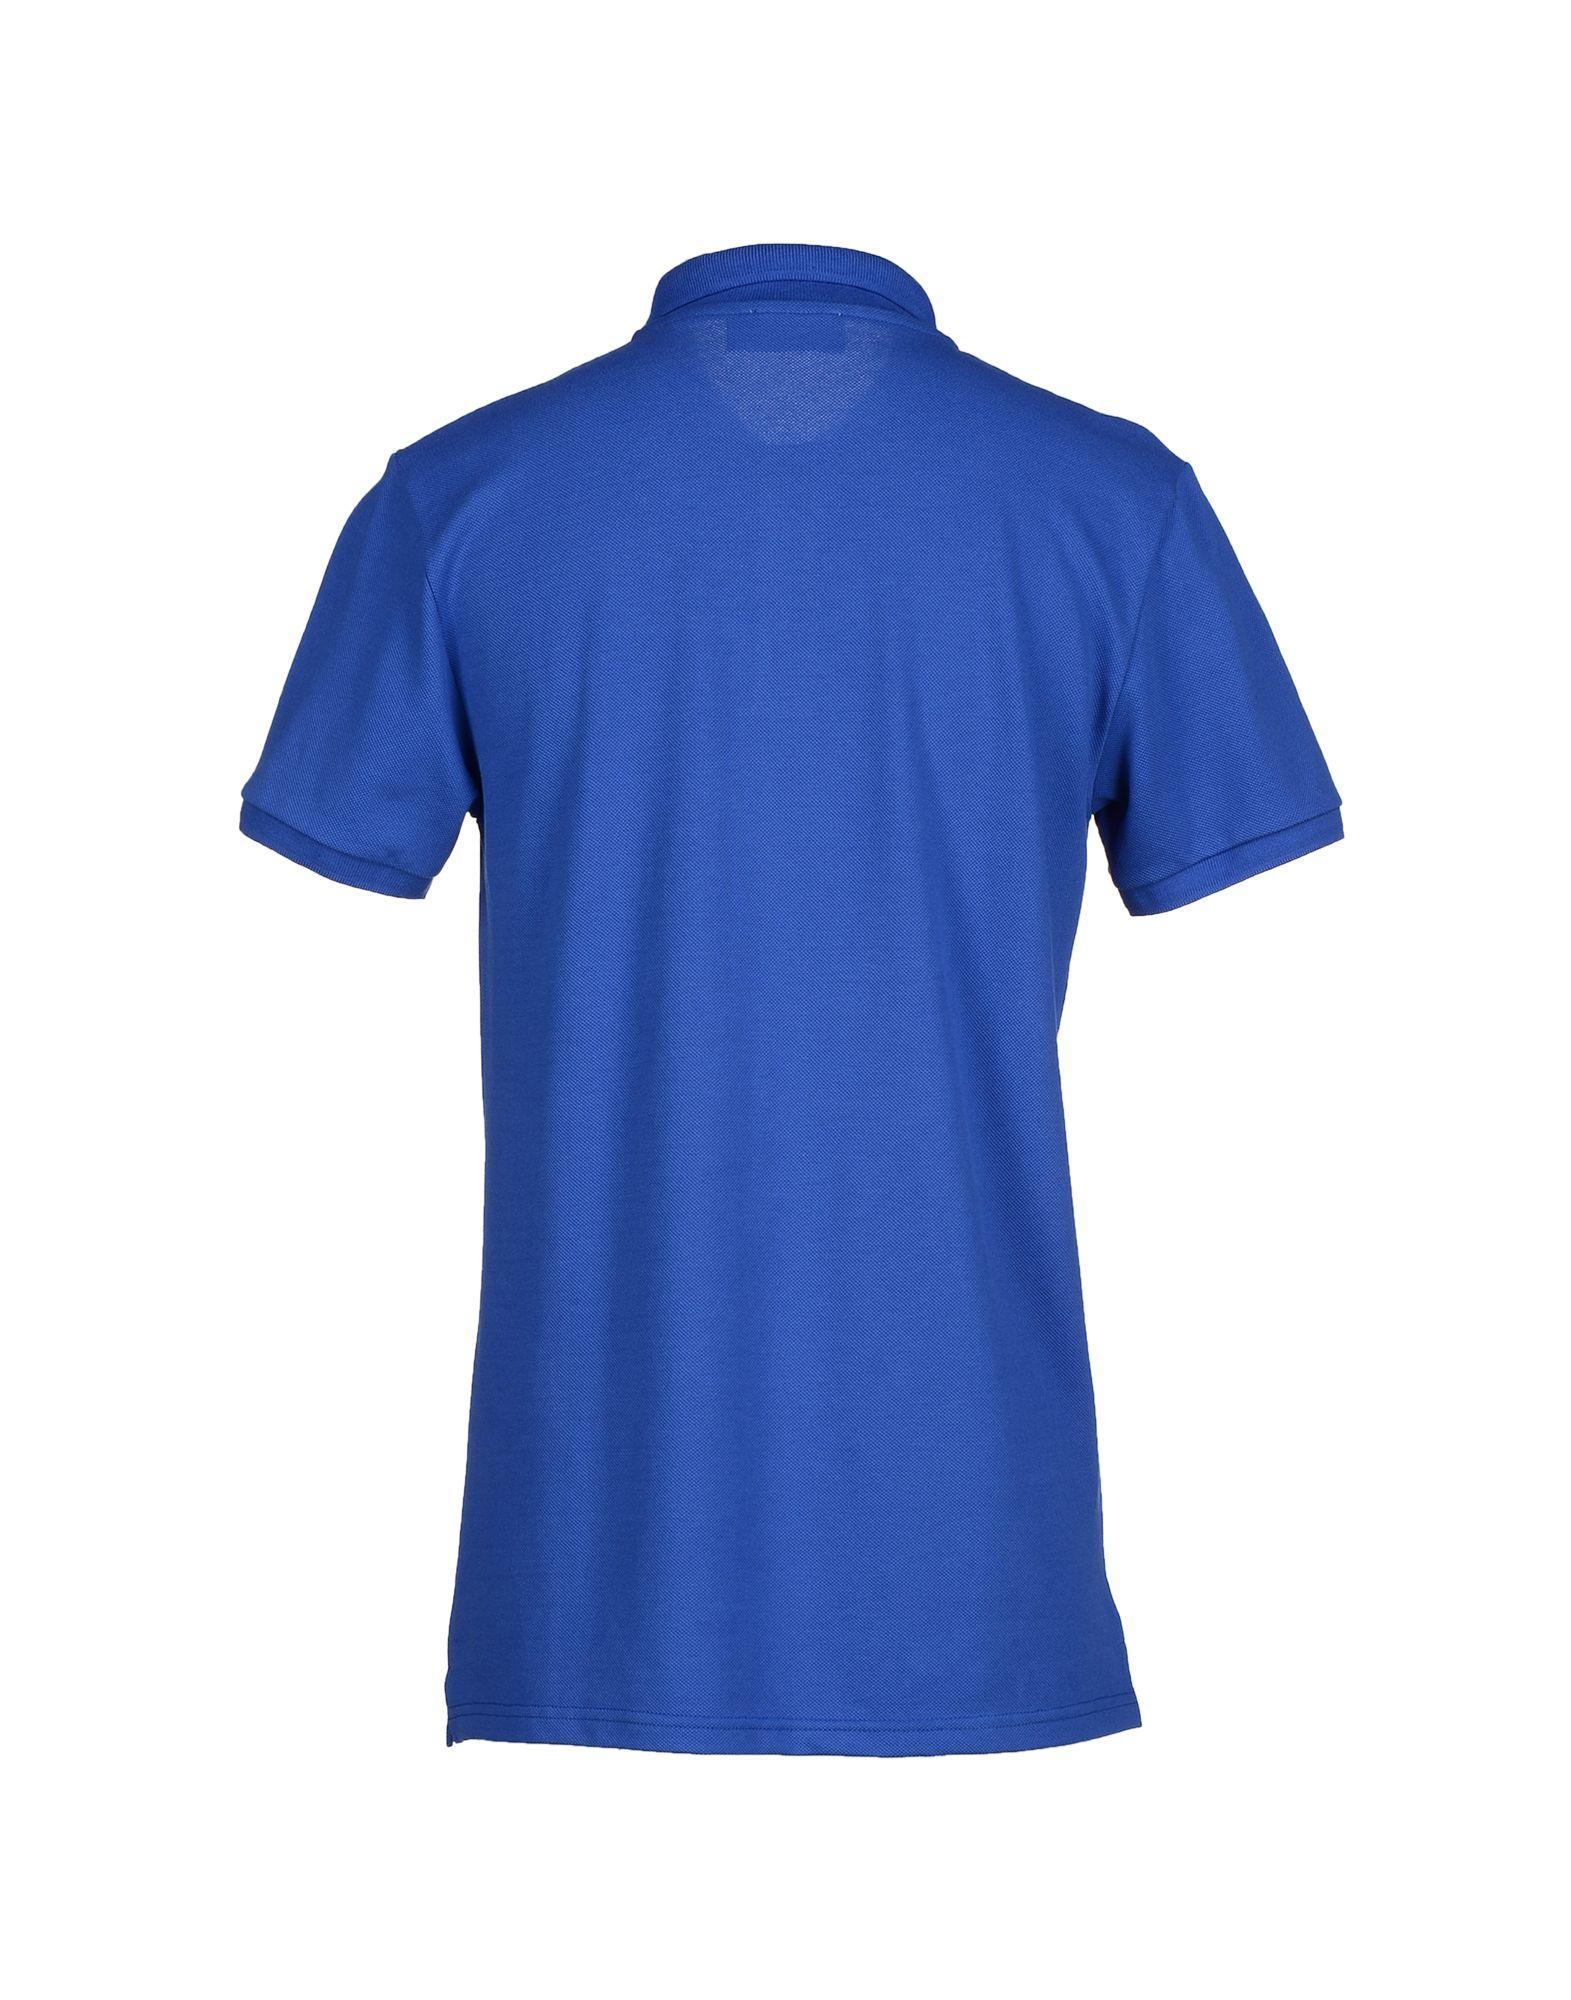 oliver spencer polo shirt in blue for men lyst. Black Bedroom Furniture Sets. Home Design Ideas